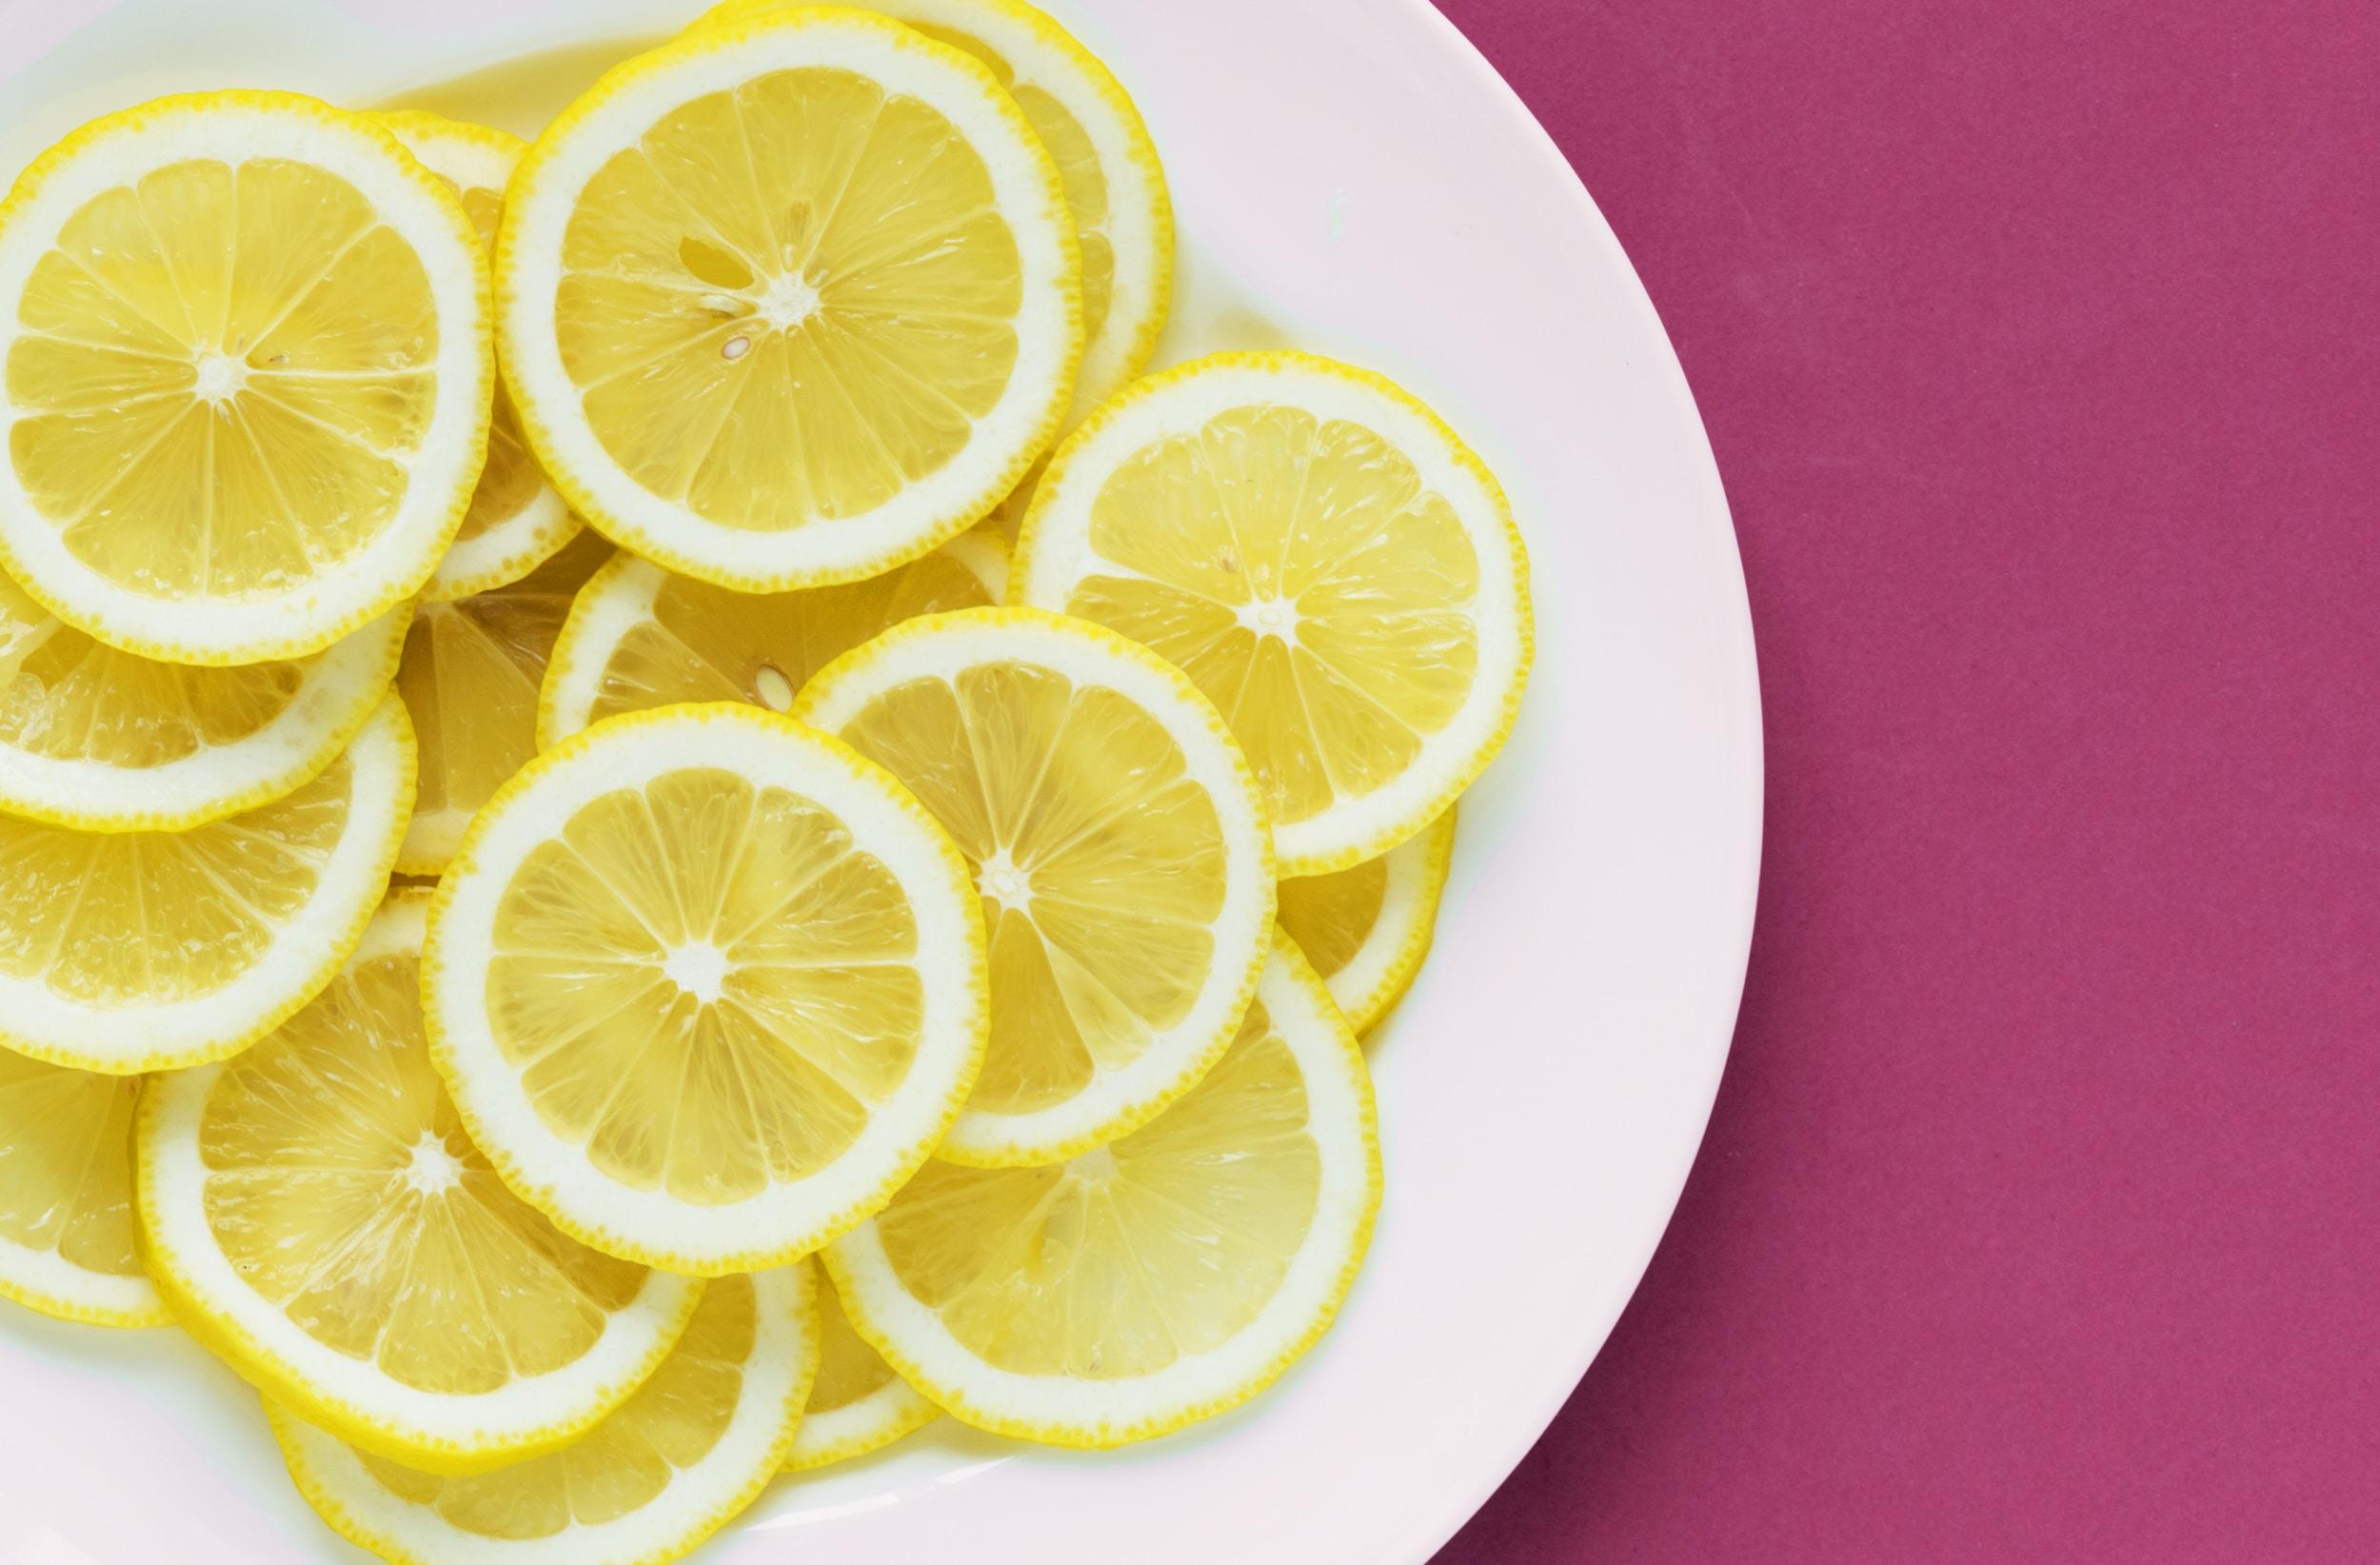 sliced lemon on white ceramic plate